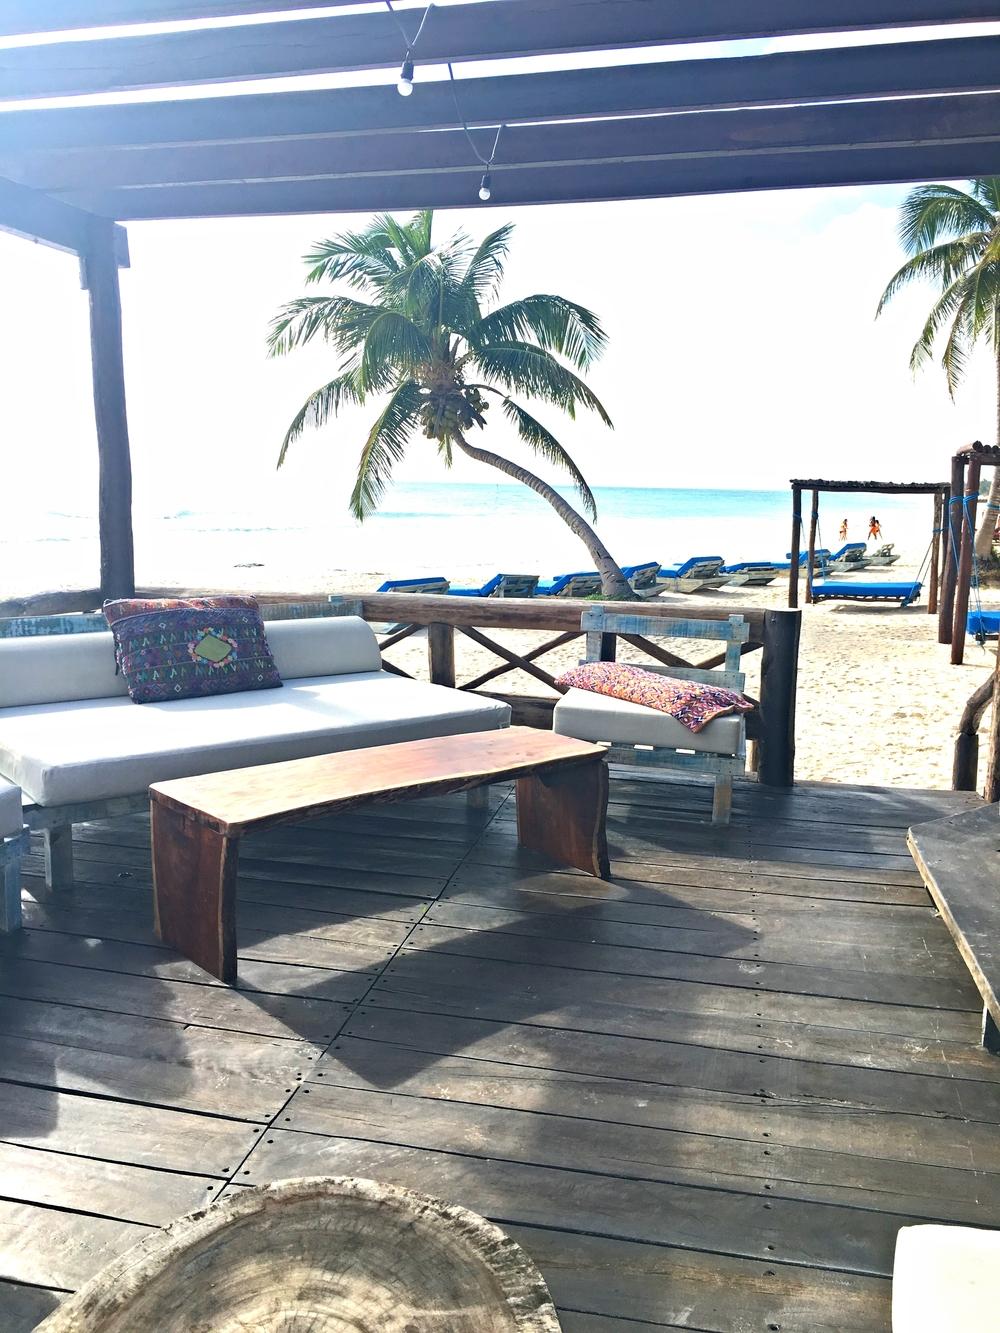 Deck at Hemingway Resort